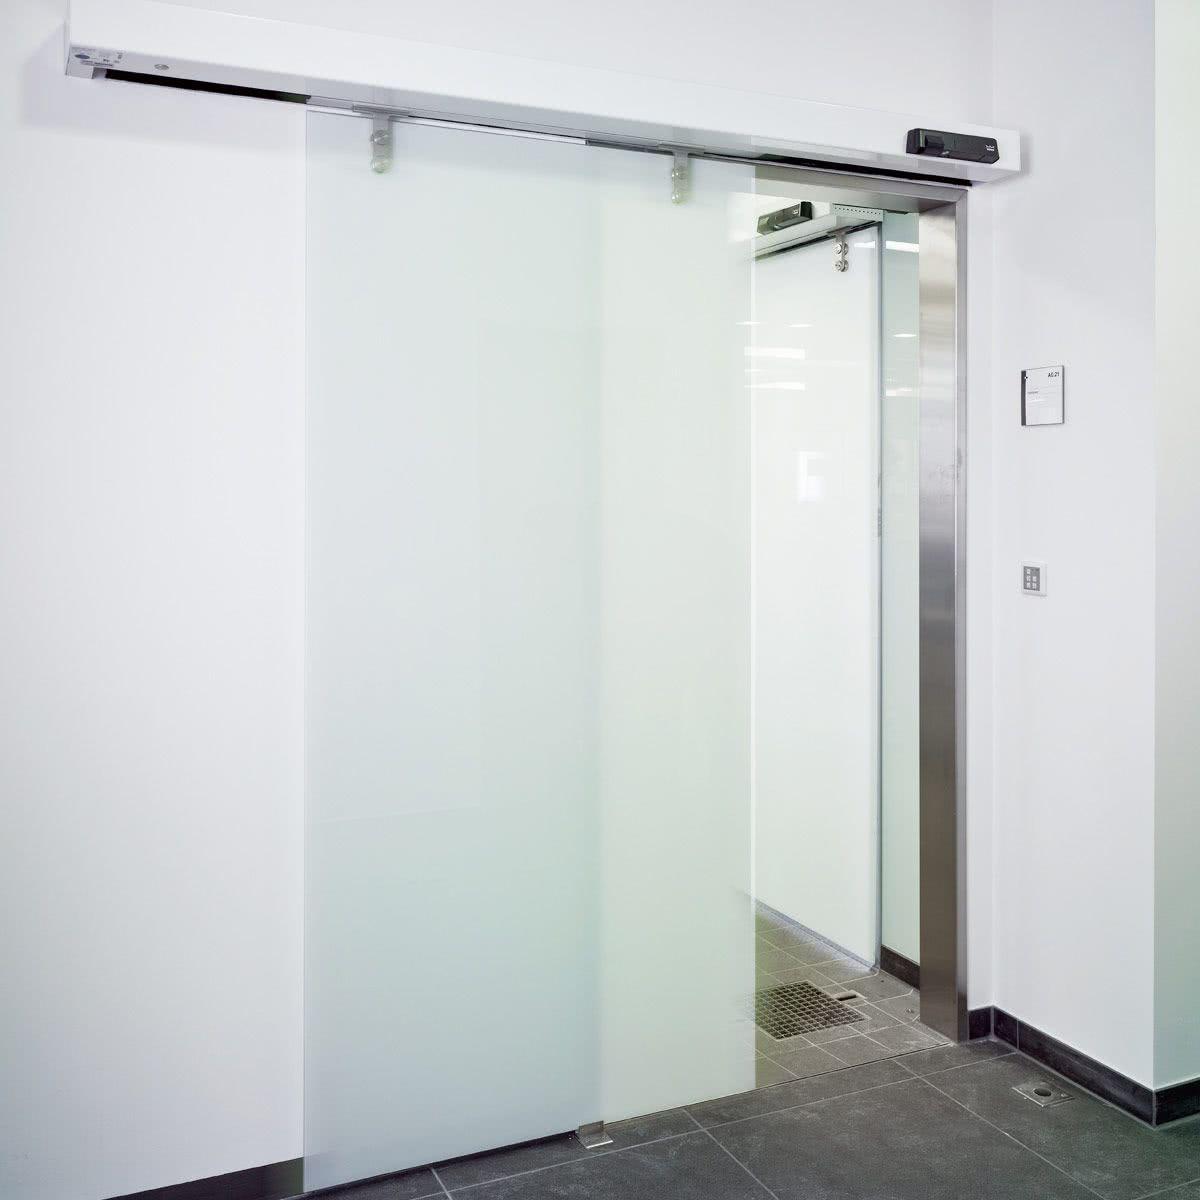 porta de vidro de correr para quarto sem maçaneta